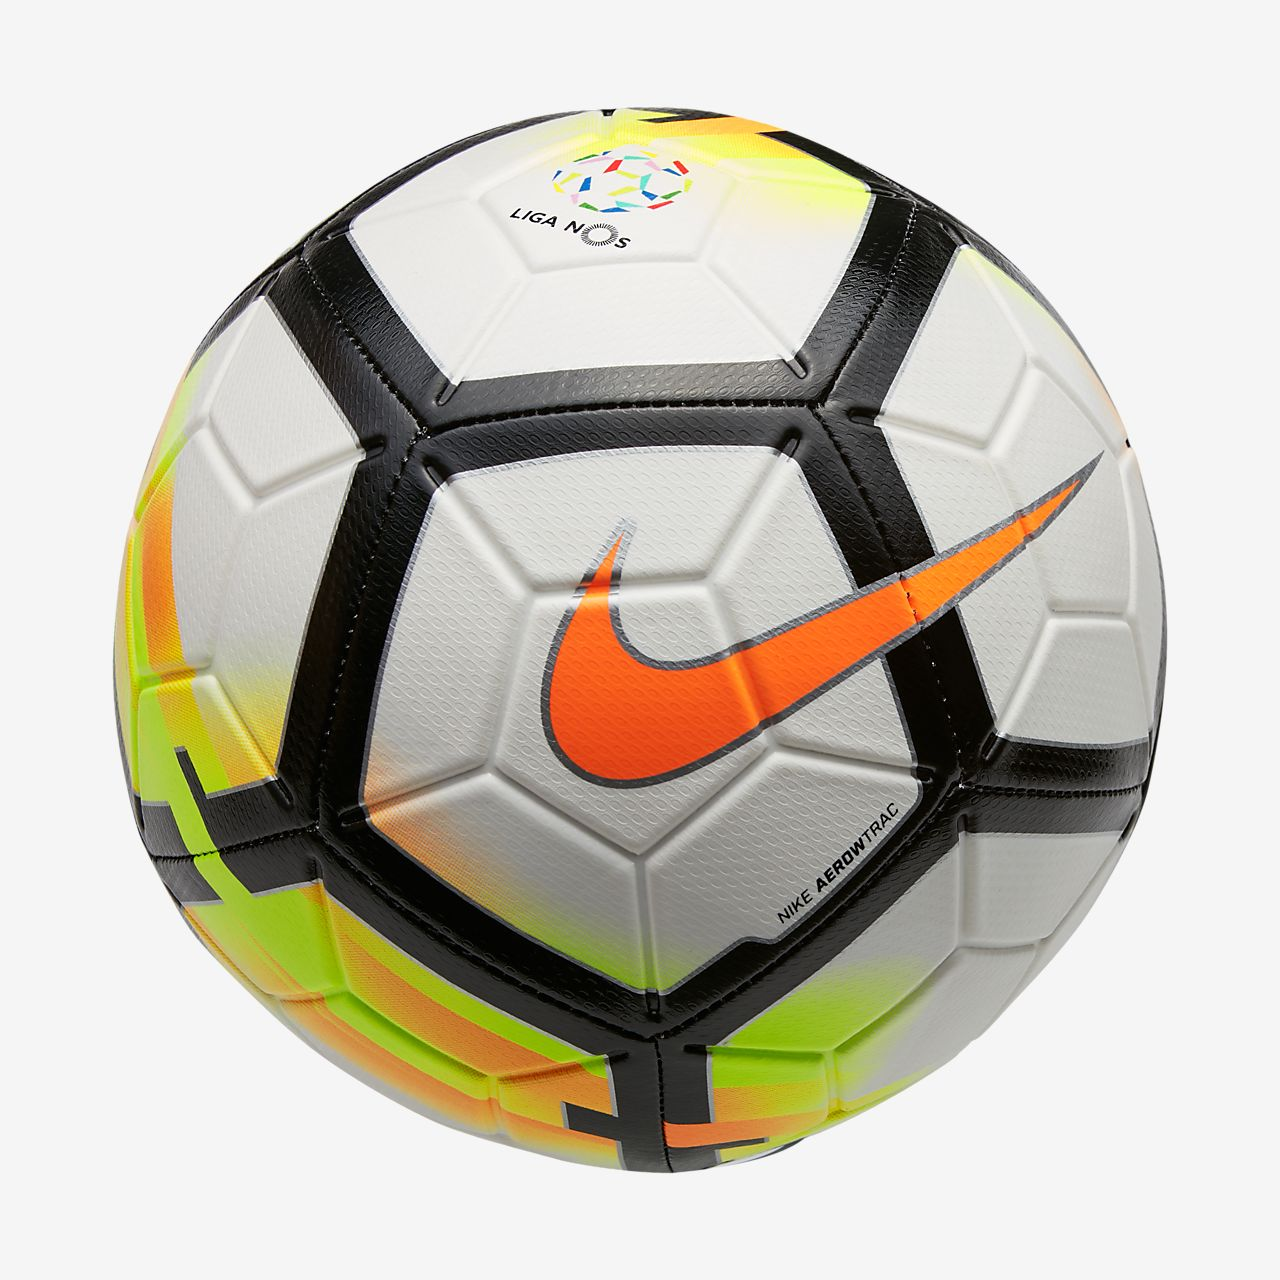 Schön Leere Fußball Jersey Färbung Seite Ideen - Beispiel Business ...